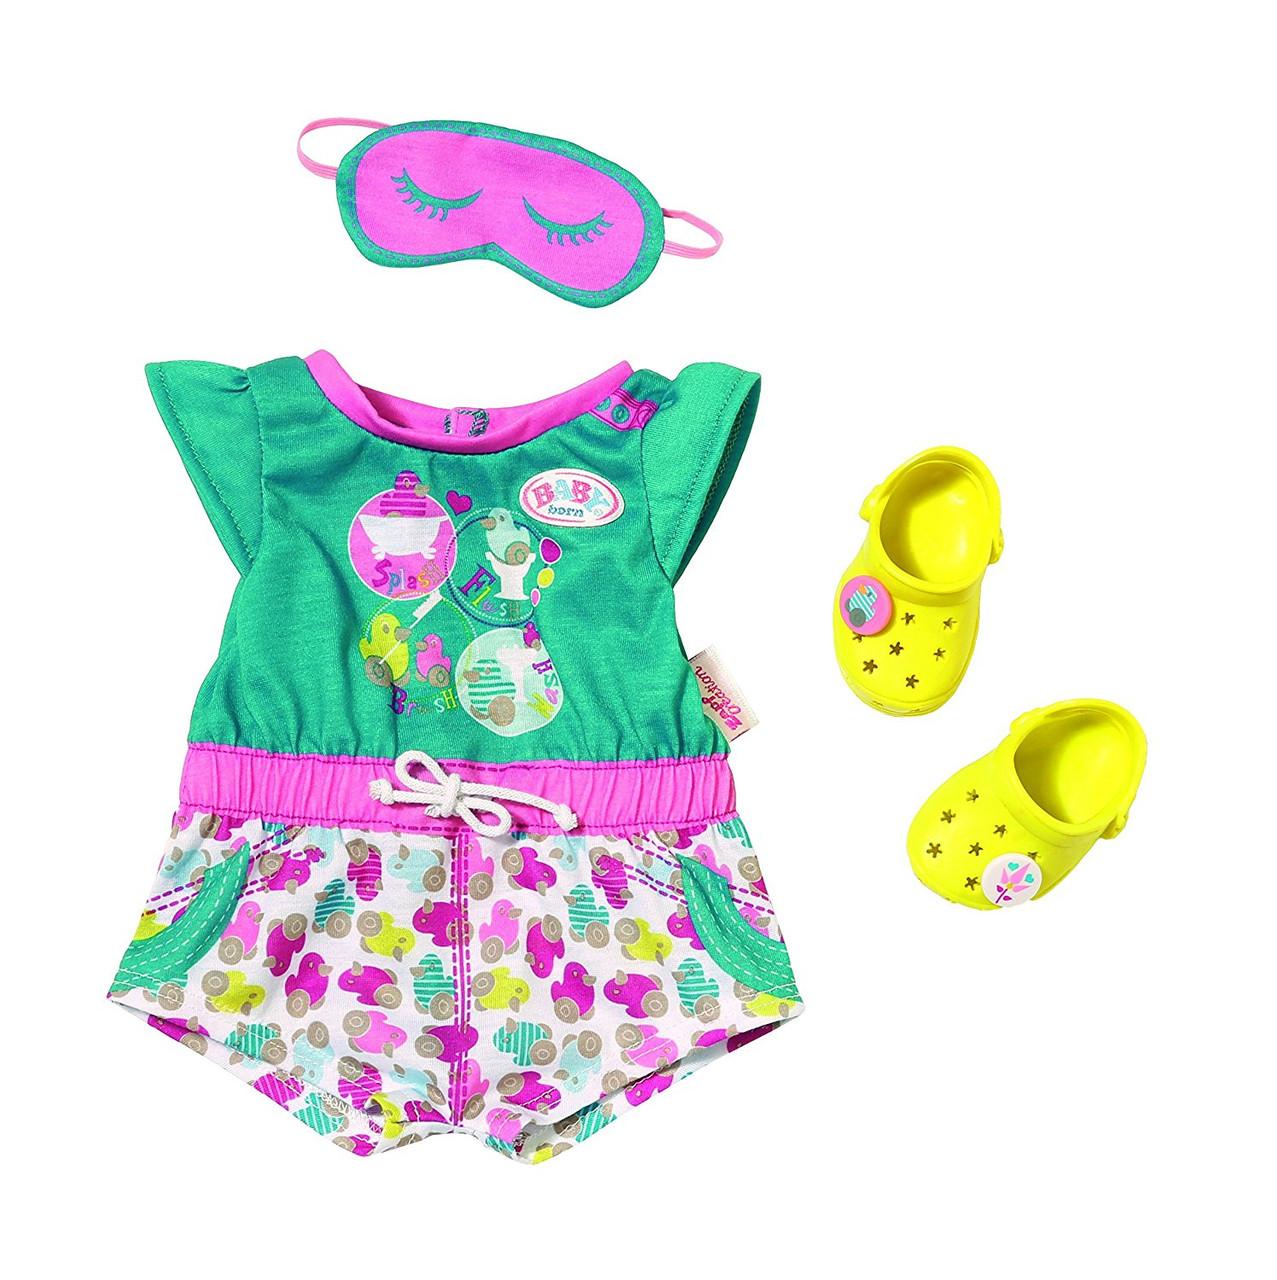 Одежда для кукол Беби Борн комплект одежды для сна Baby Born Zapf Creation 822470